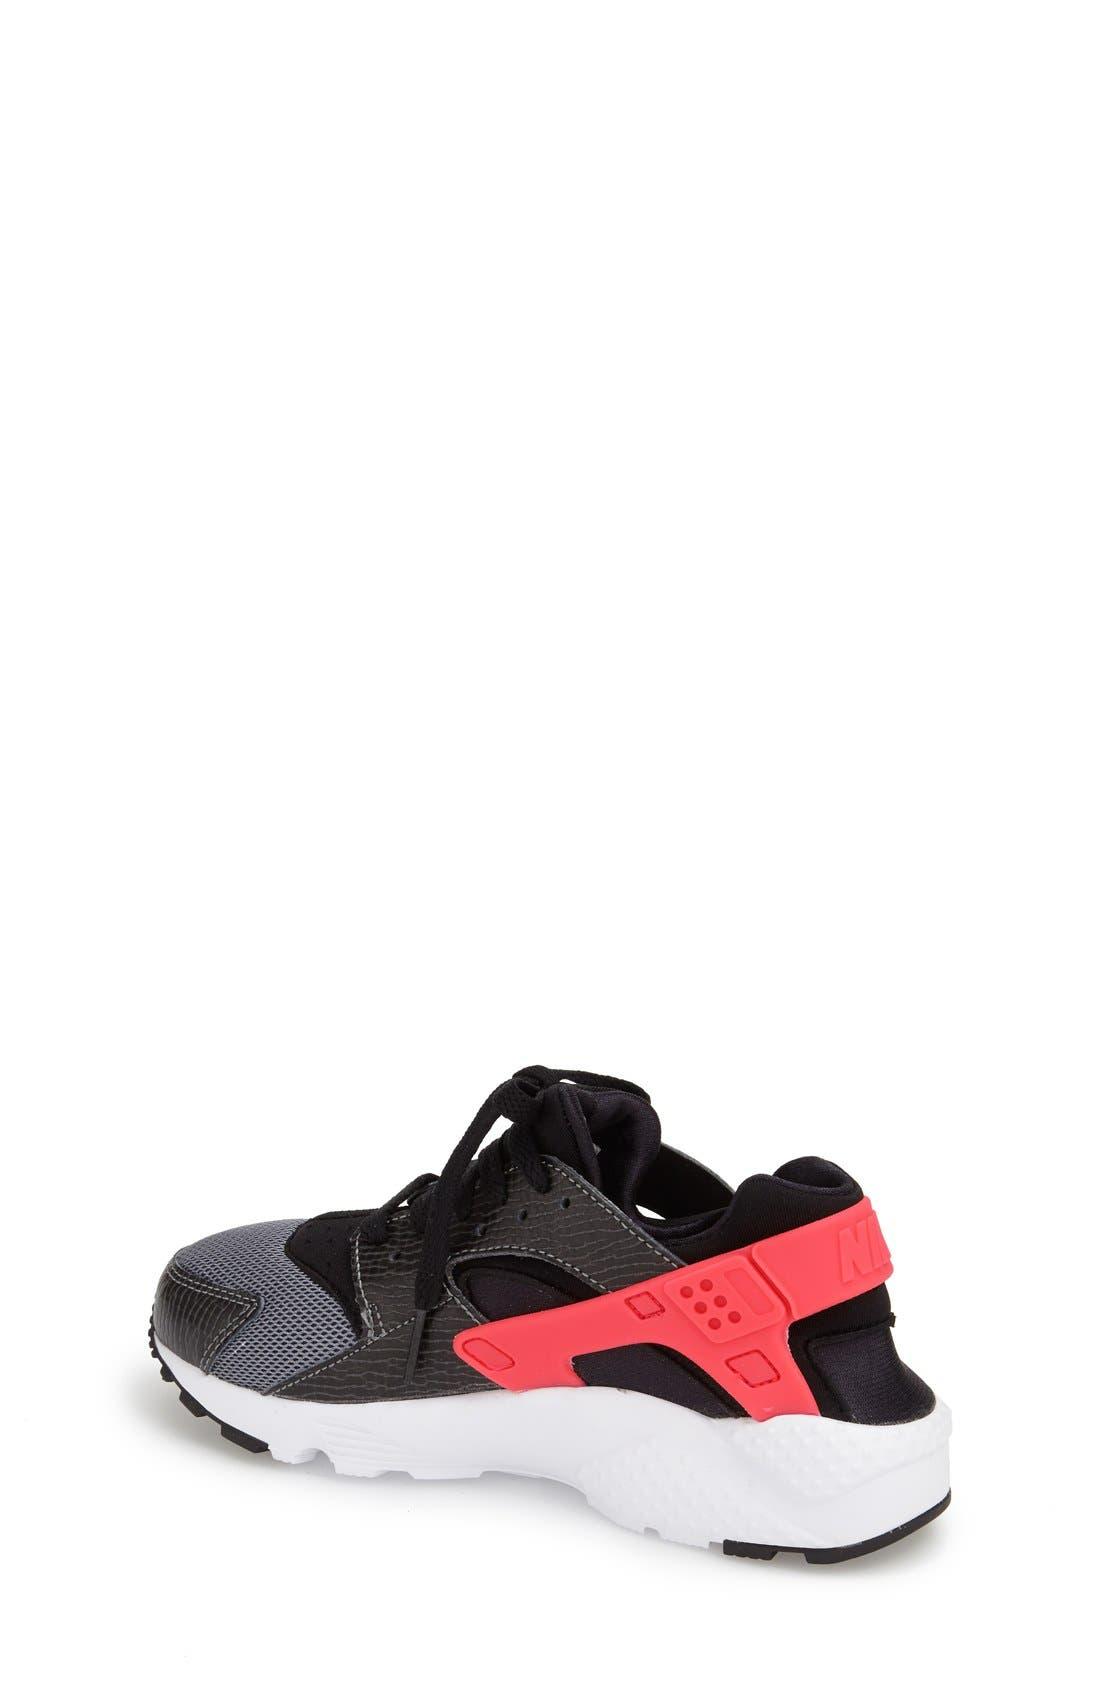 NIKE,                             'Huarache' Sneaker,                             Alternate thumbnail 3, color,                             010